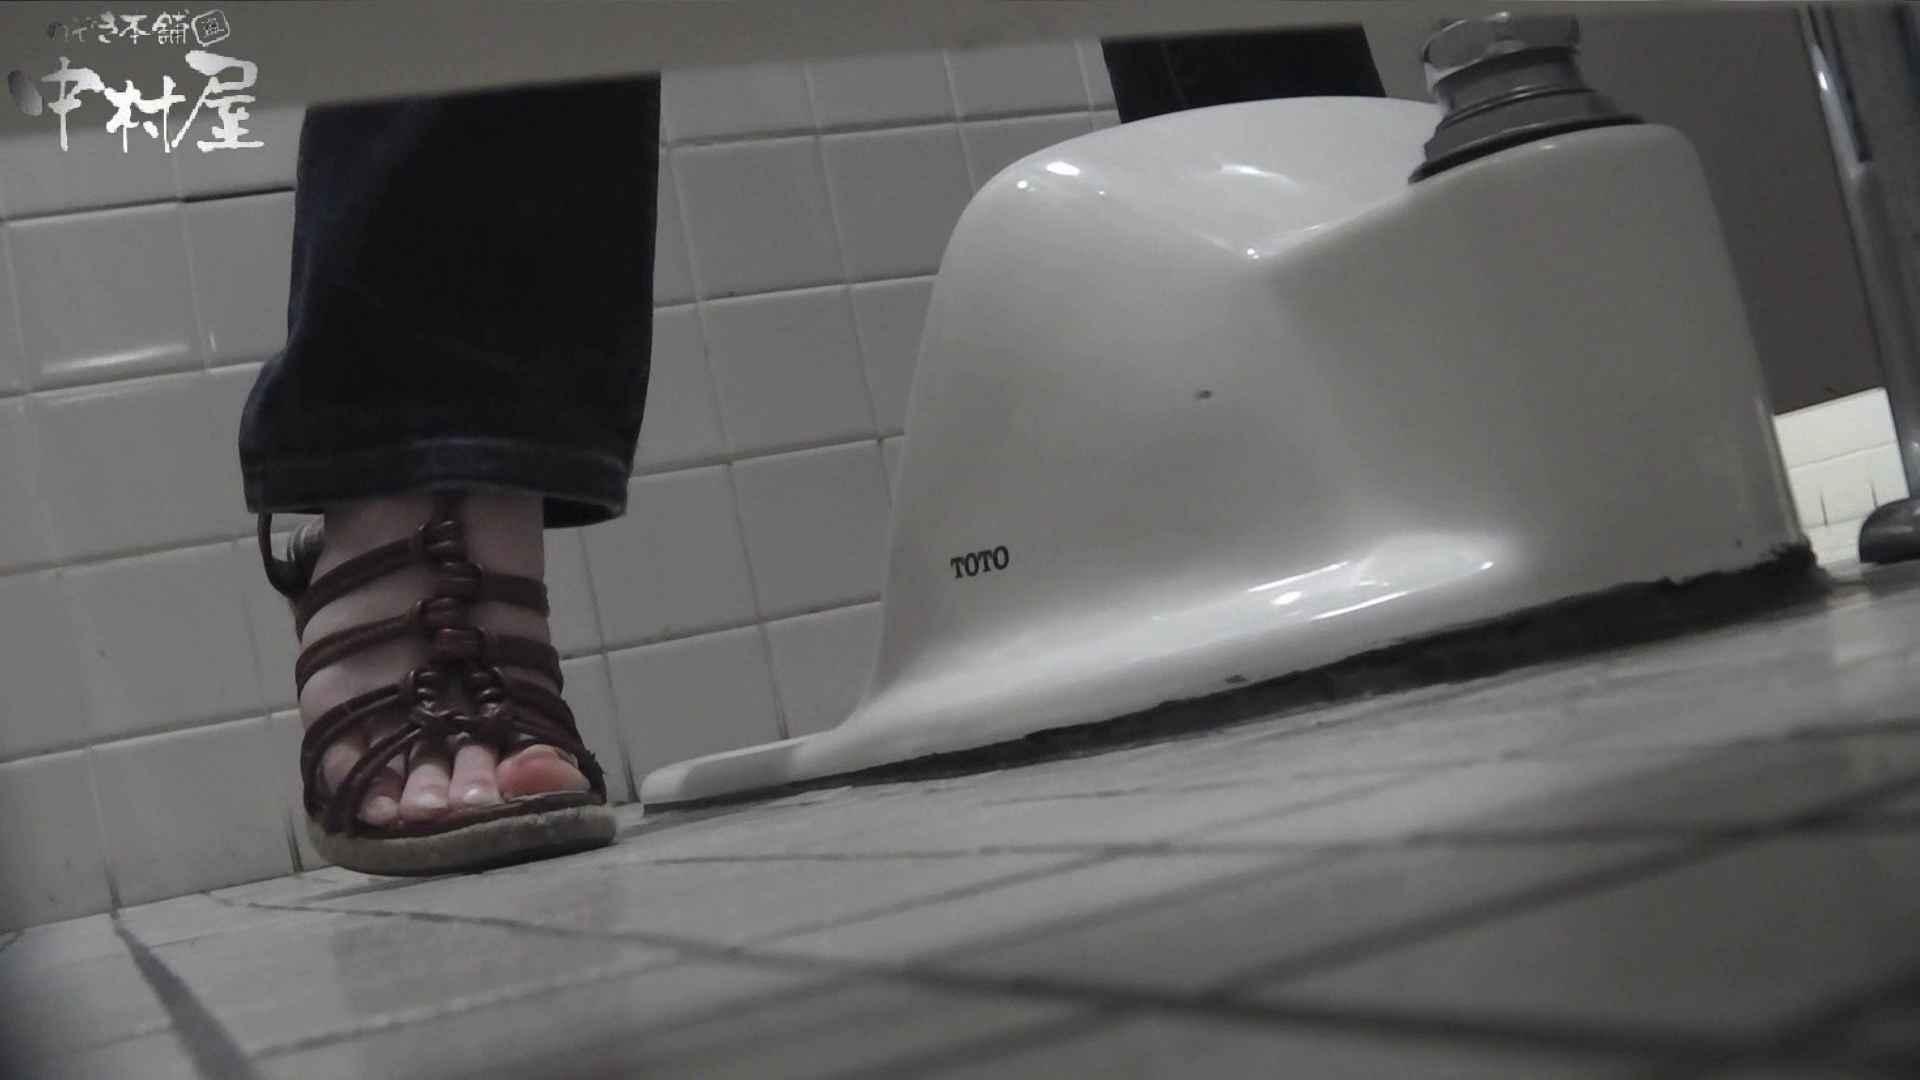 vol.03 命がけ潜伏洗面所! おねぃさんの日常 プライベート 盗撮AV動画キャプチャ 59画像 3